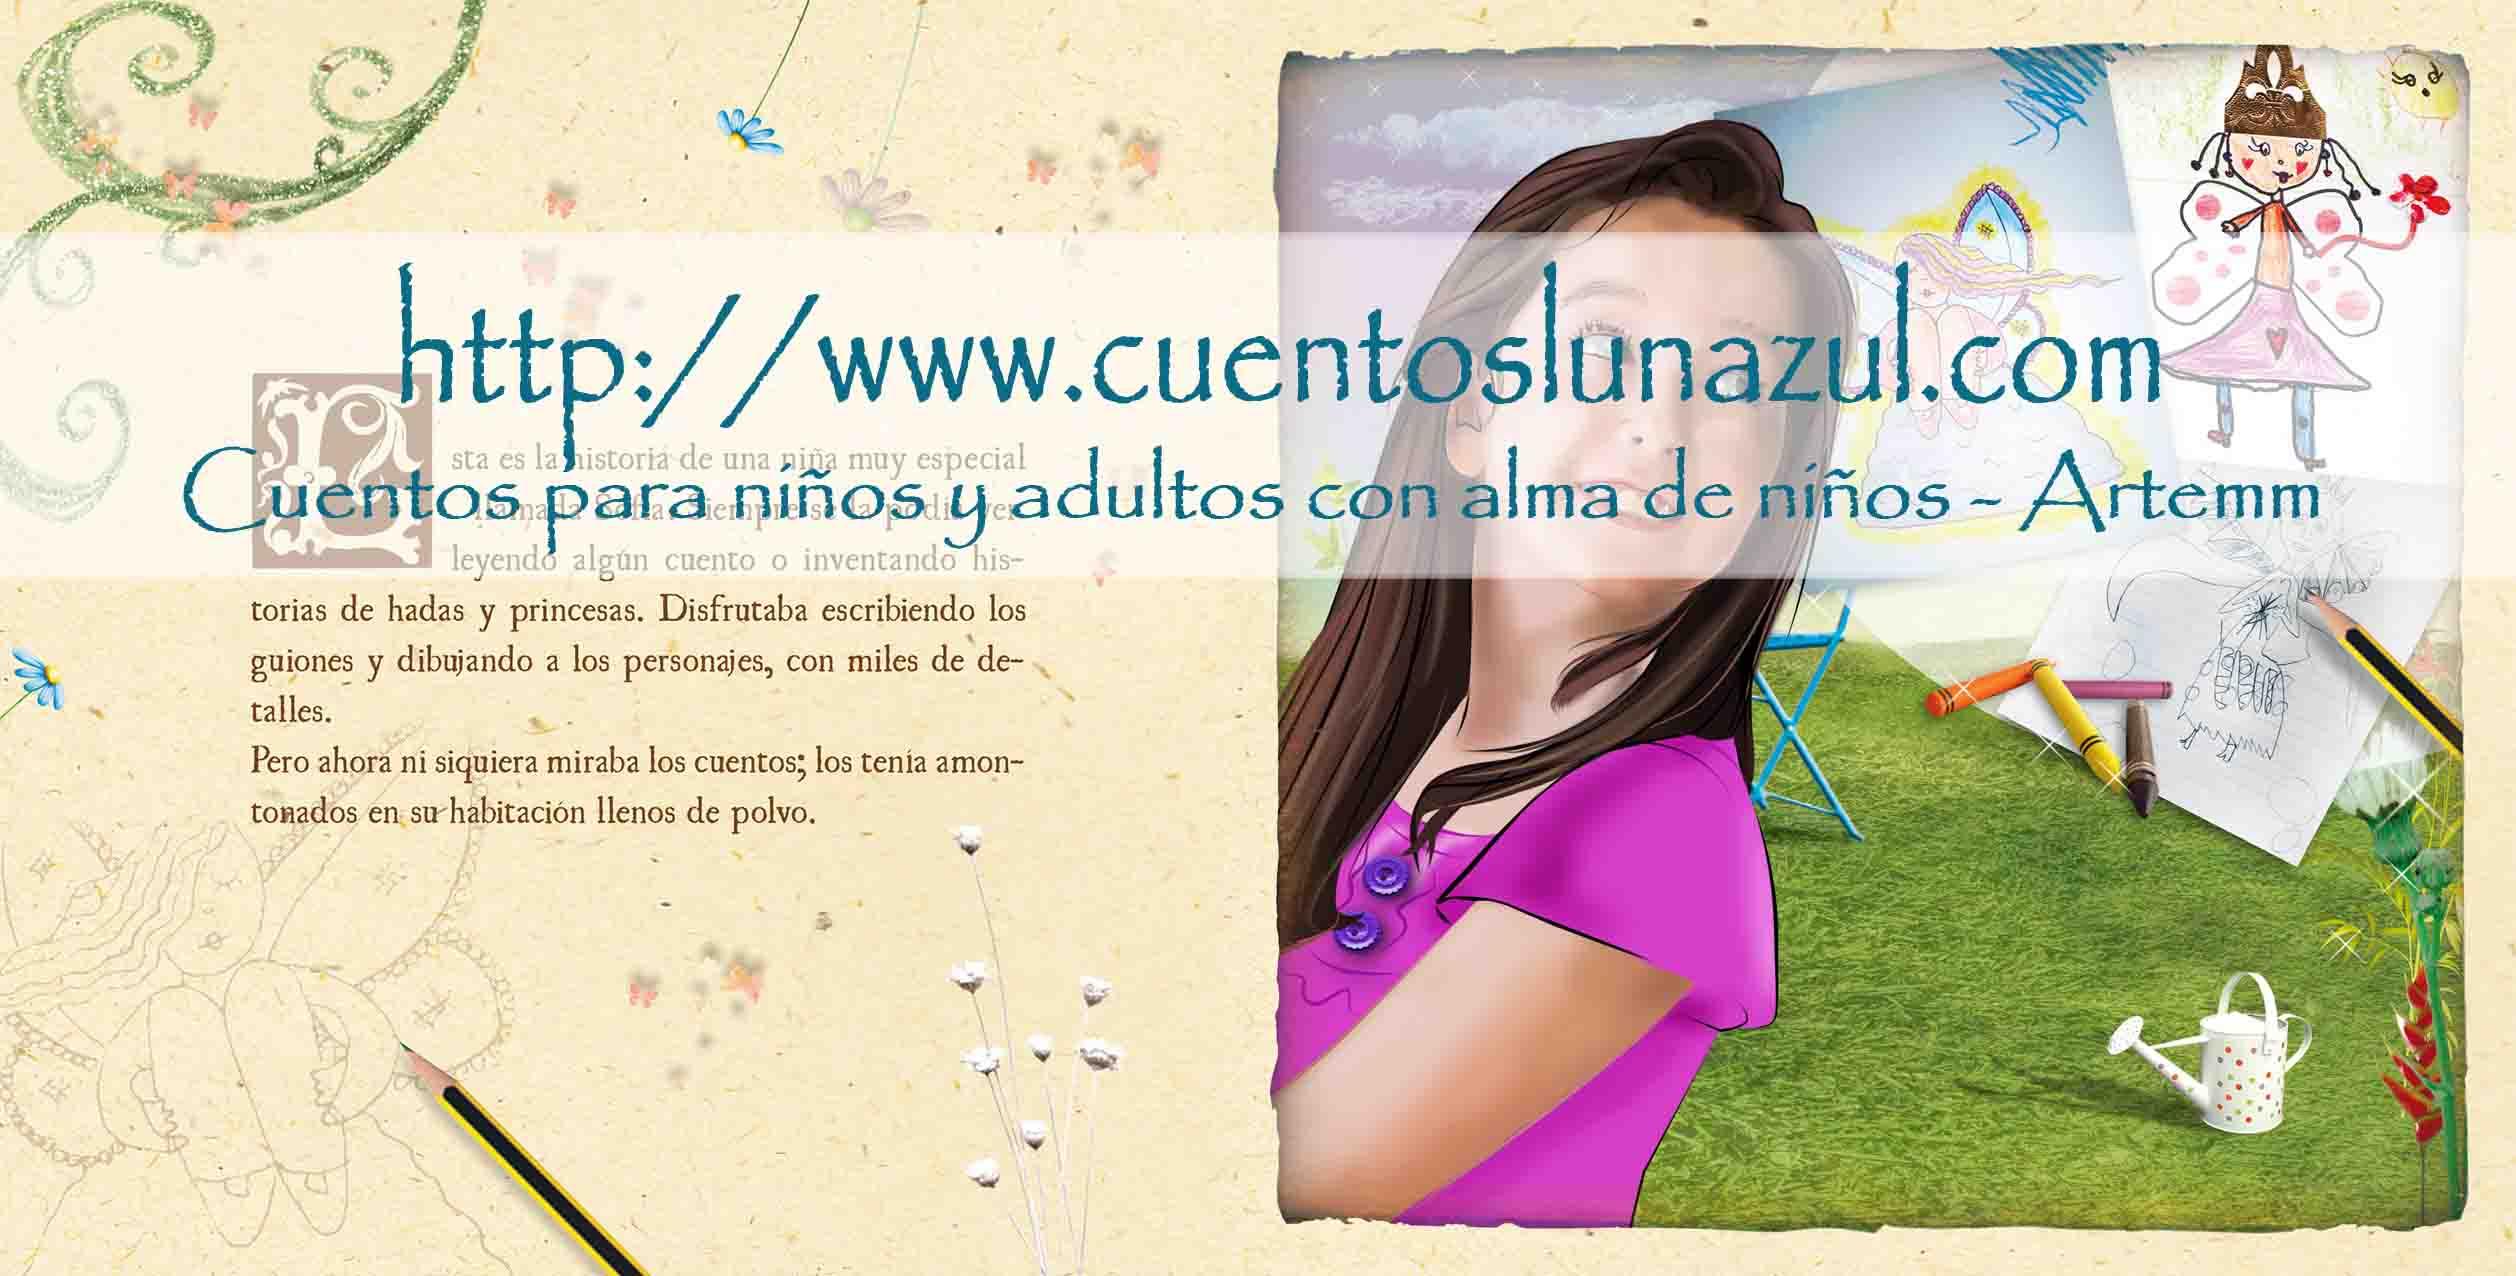 LA MARIPOSA AZUL personalizado pg1